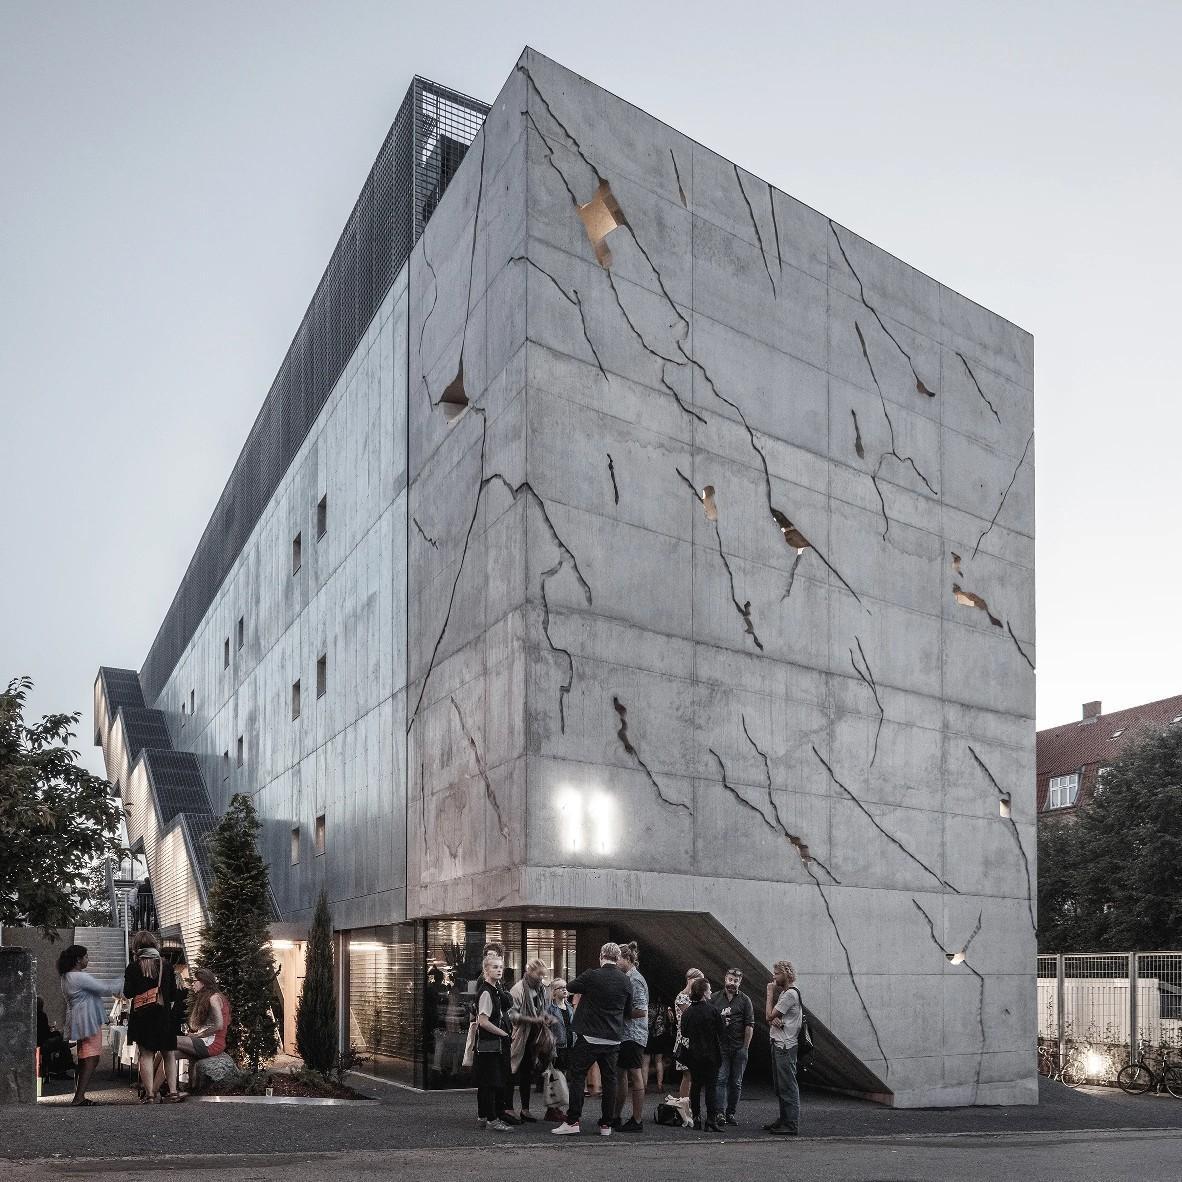 بتن اکسپوز جایگزین چه مصالحی در ساختمان می شود؟